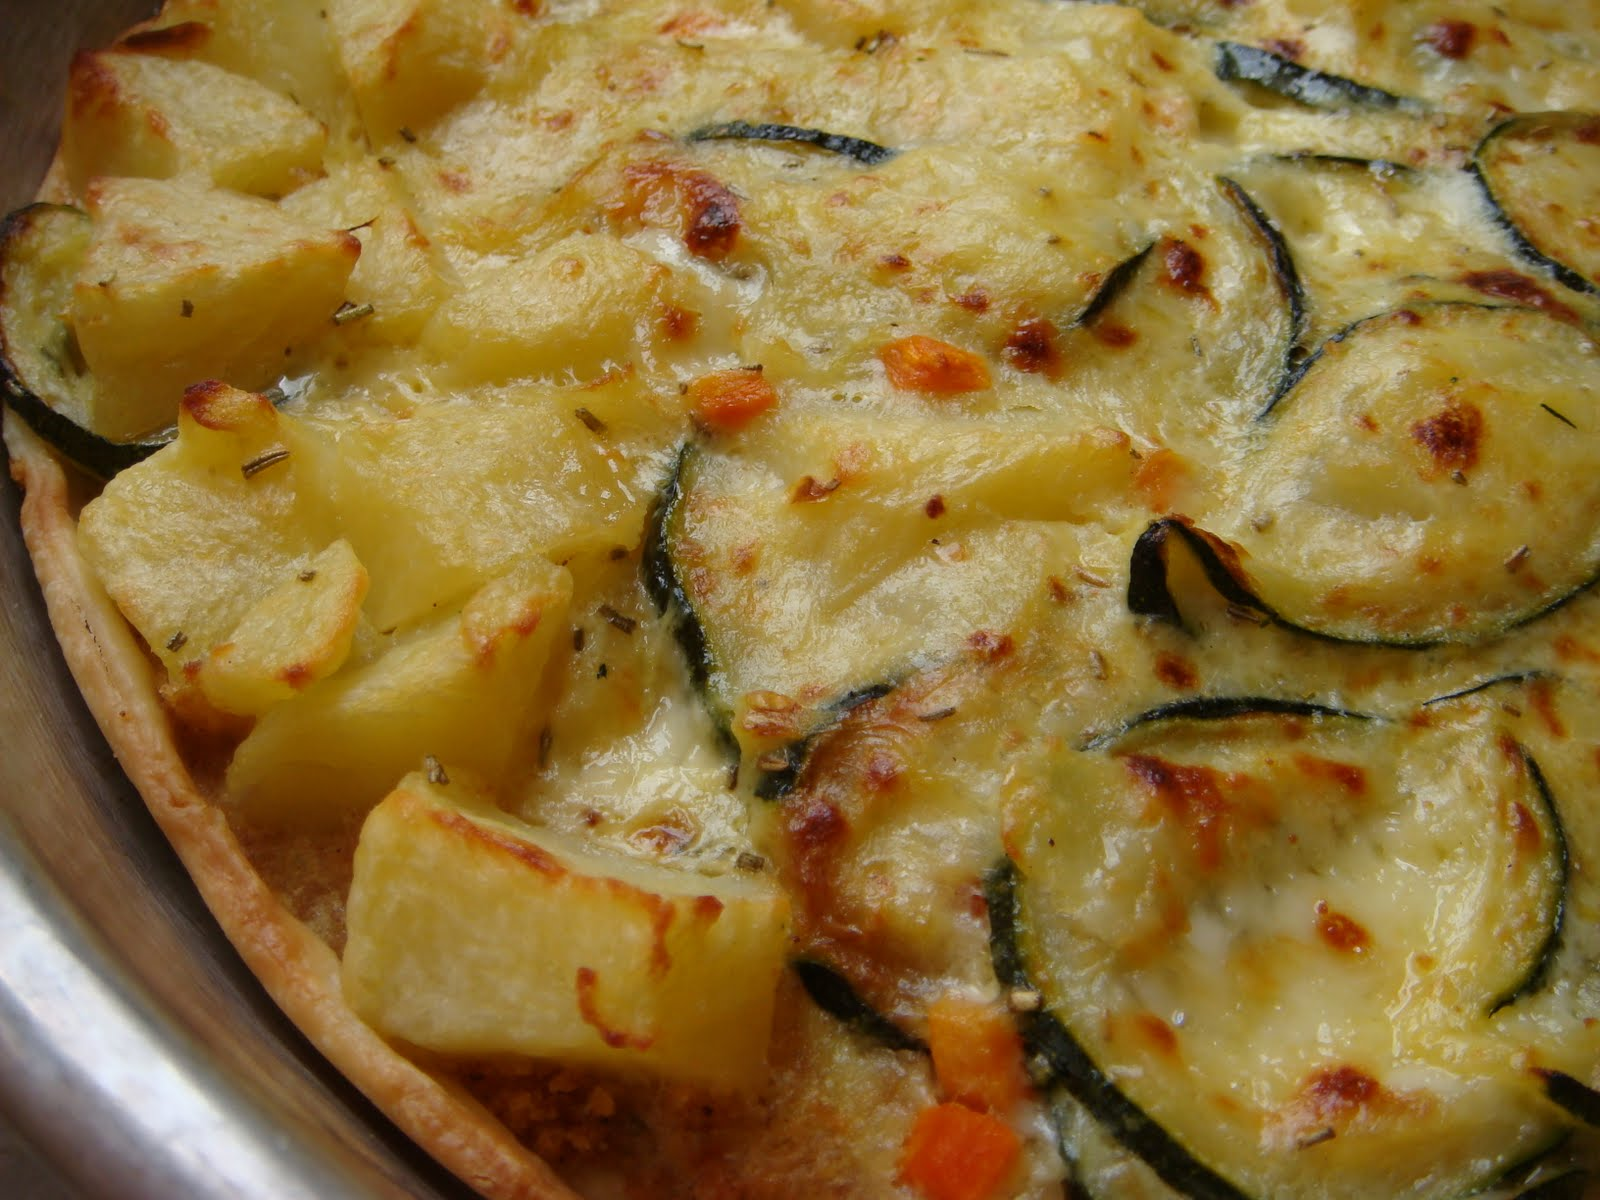 Ricerca Ricette Con Cestini Di Pasta Sfoglia #AE4608 1600 1200 Programma Per Creare Ricette Di Cucina